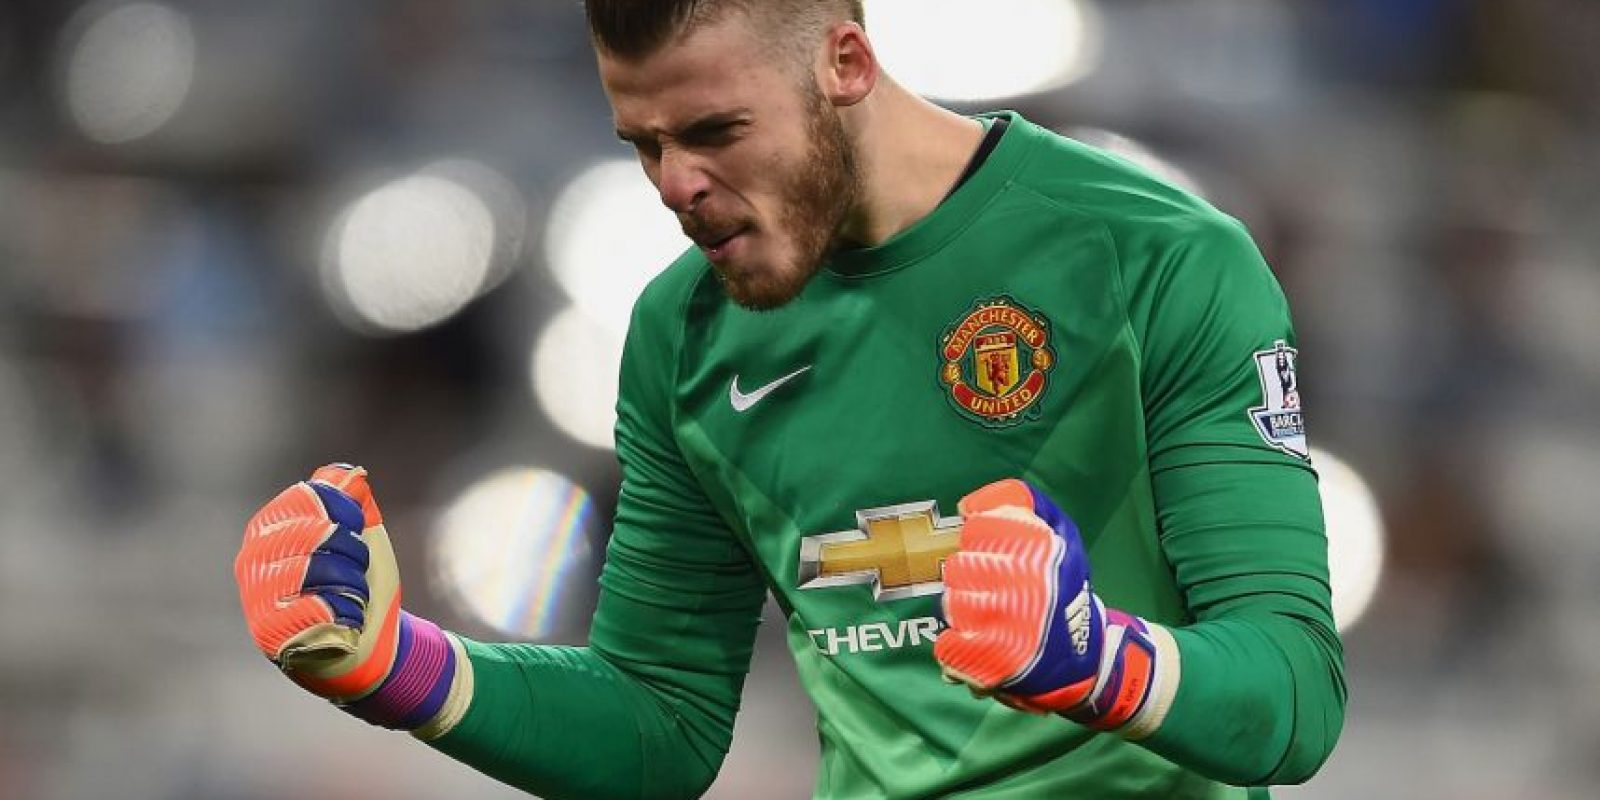 Aunque las negociaciones se dieron, a mediados de agosto el Manchester United dejó en claro que no estaba dispuesto a ceder ante el Real Madrid. Foto:Getty Images